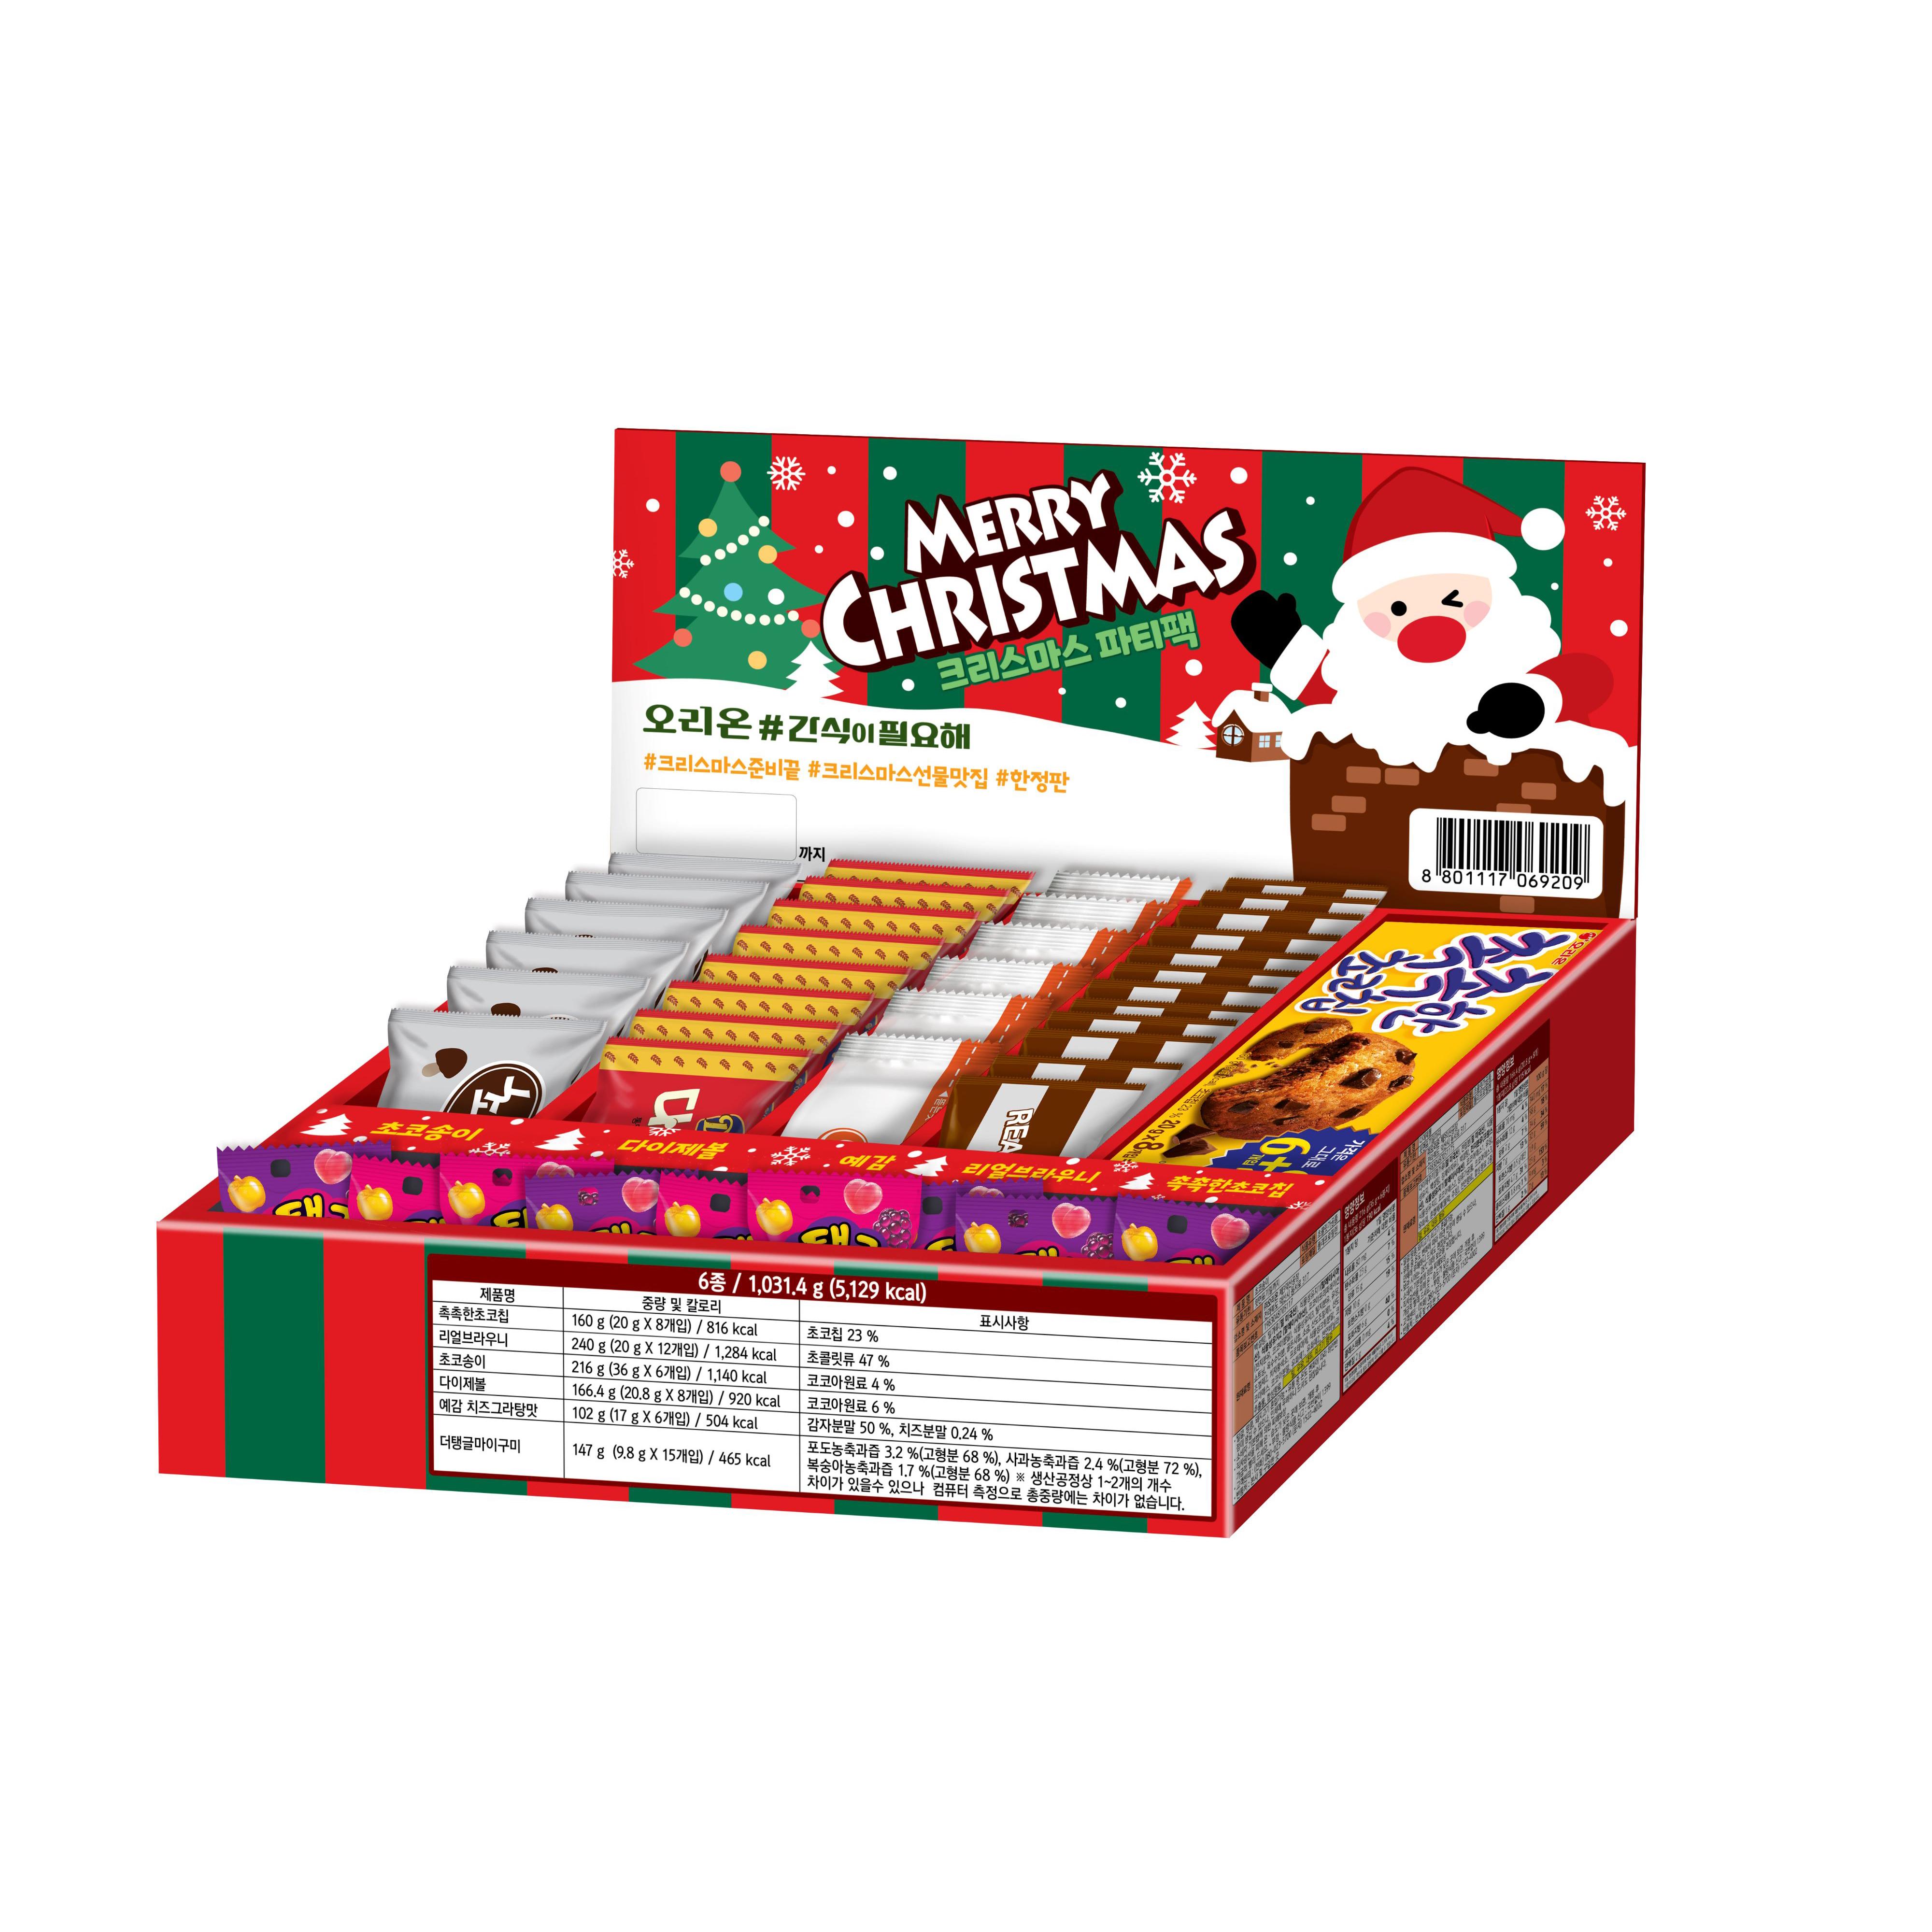 오리온 간식시리즈 크리스마스파티팩 과자세트 1031g, 6종, 1세트